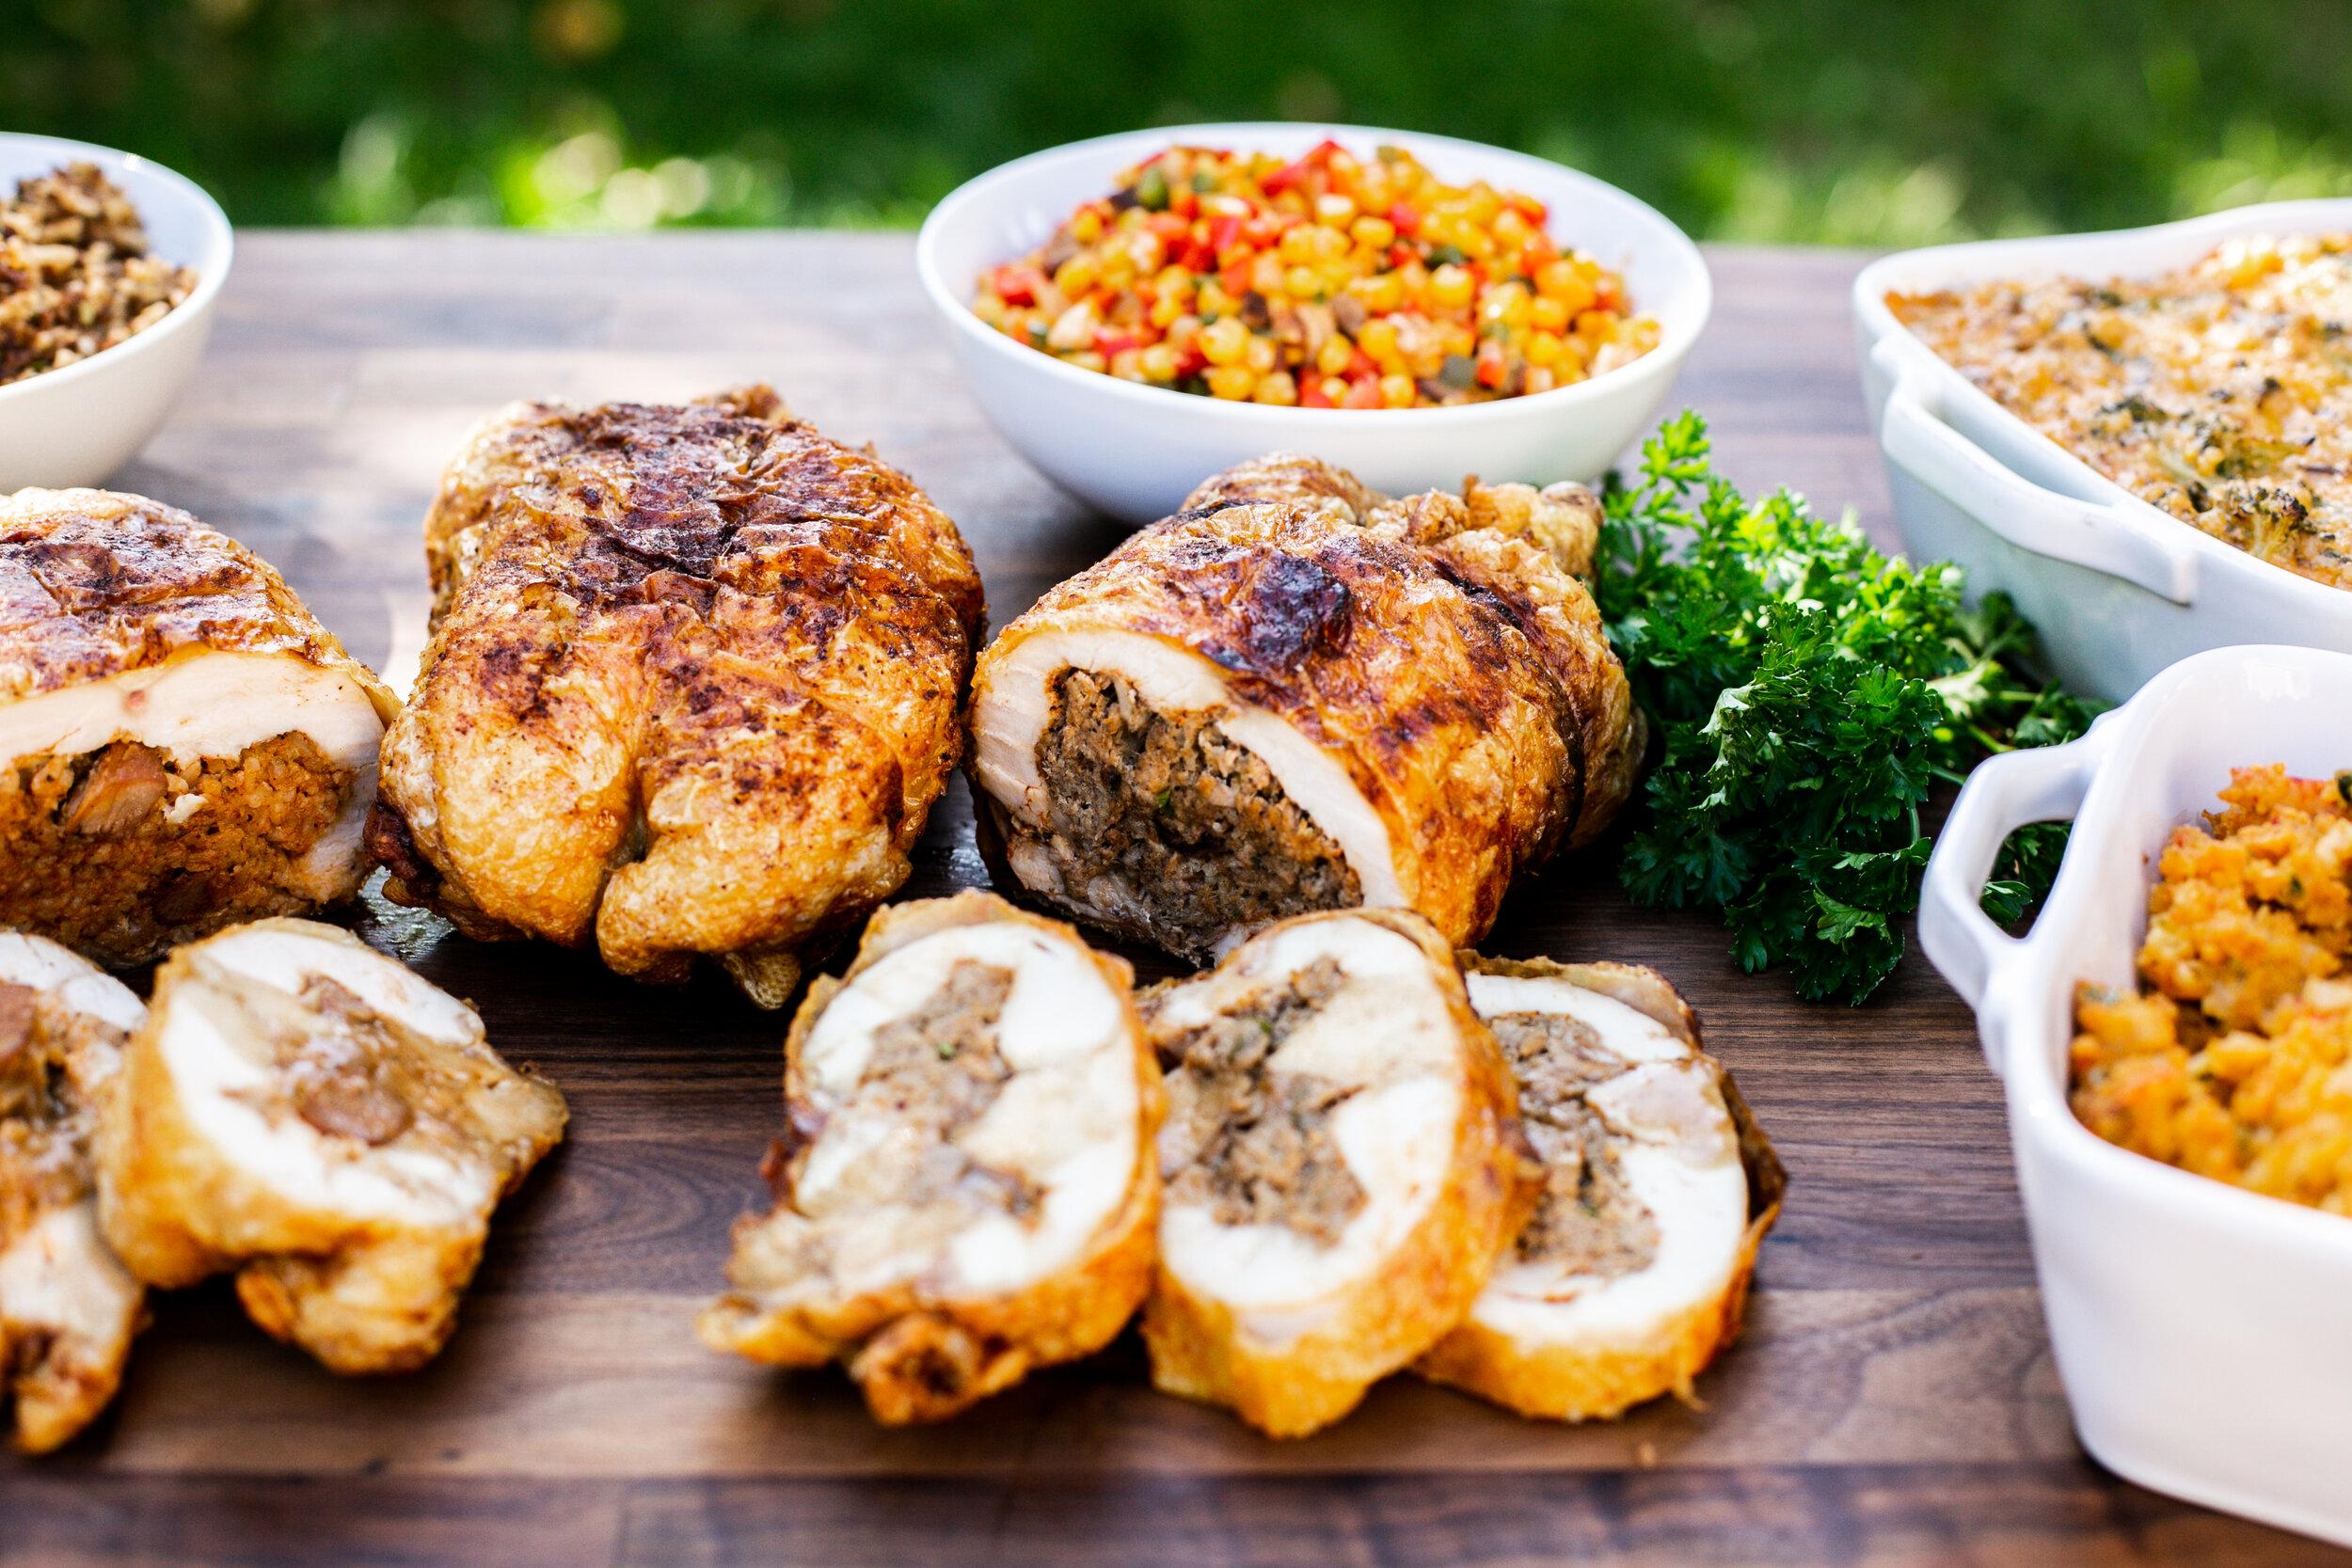 Jambalaya and Boudin Stuffed Fried Chickens (deboned)